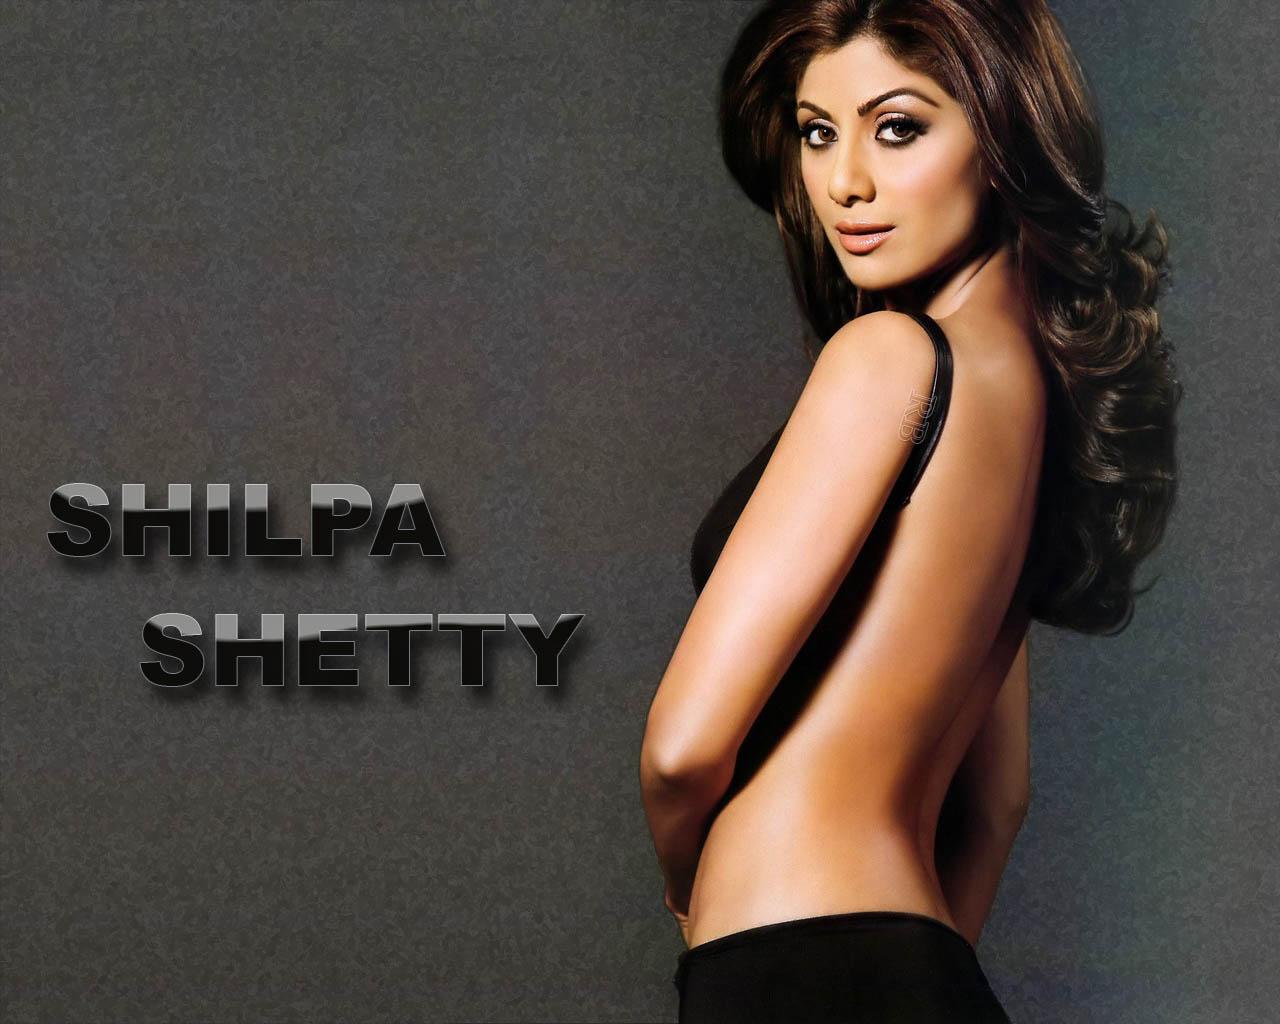 Nude image of shilpa shetty — img 13